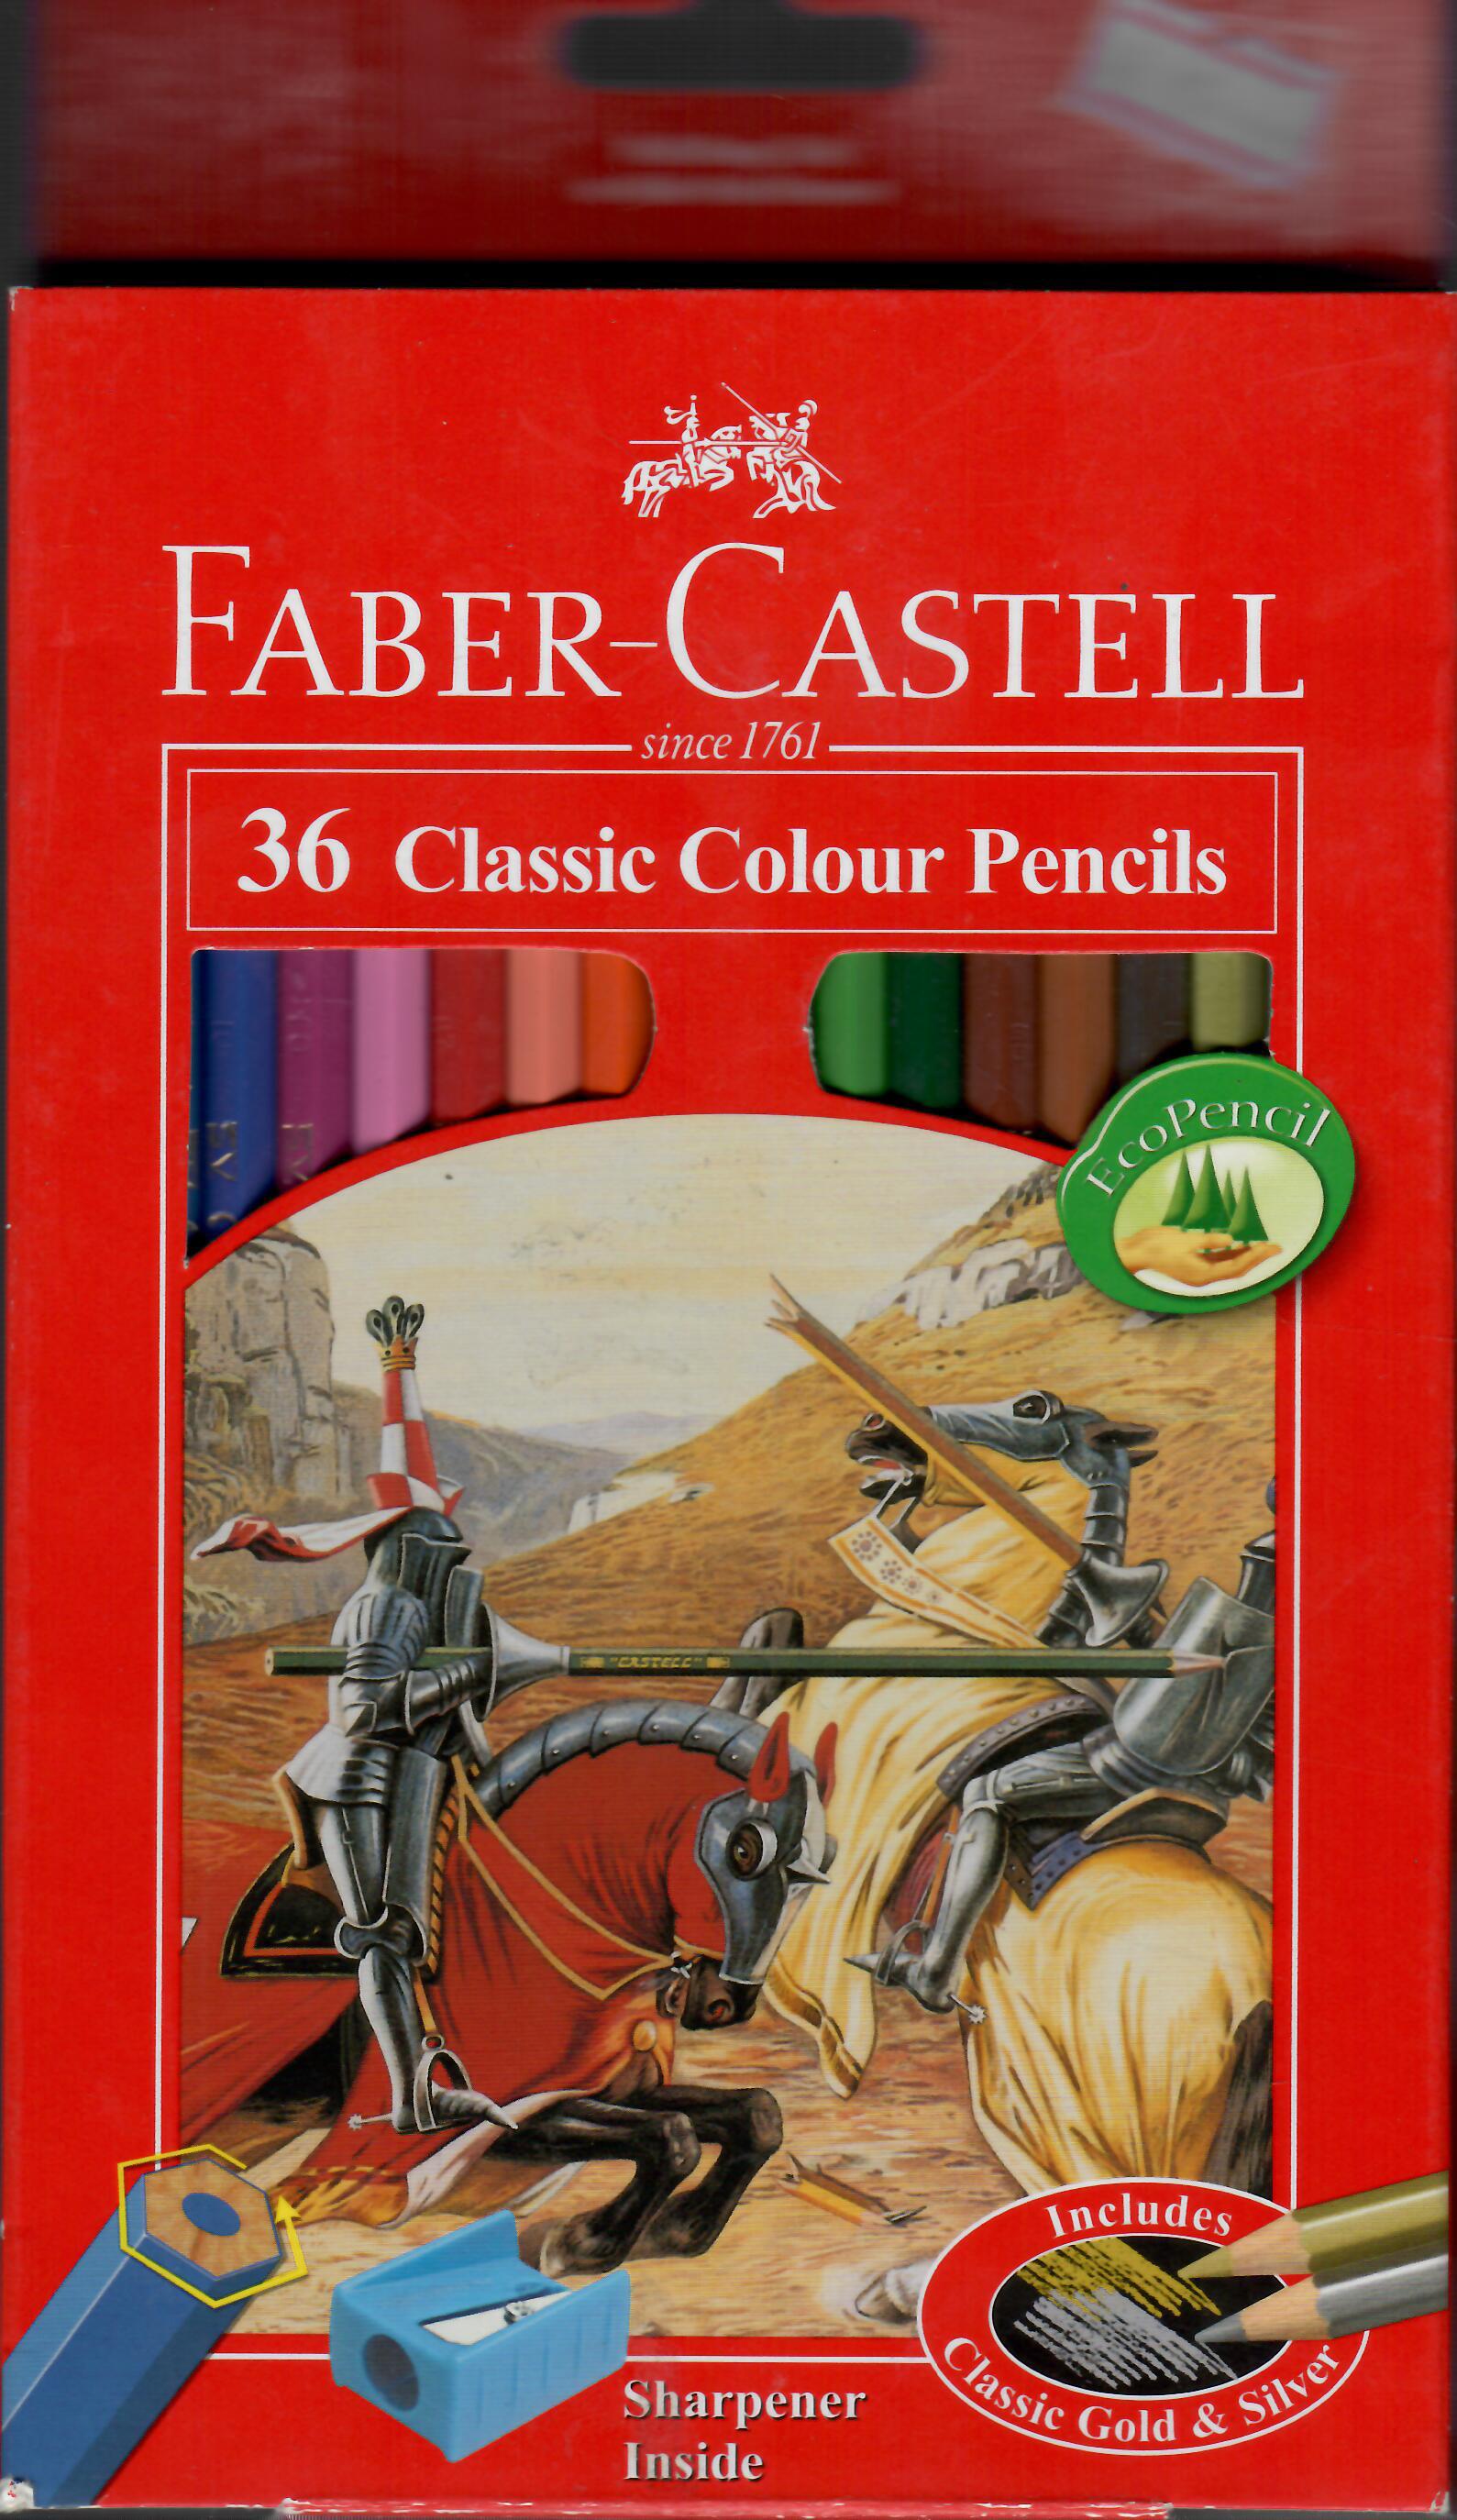 مداد رنگي 36 رنگ فابرکاستل(جعبه اي)